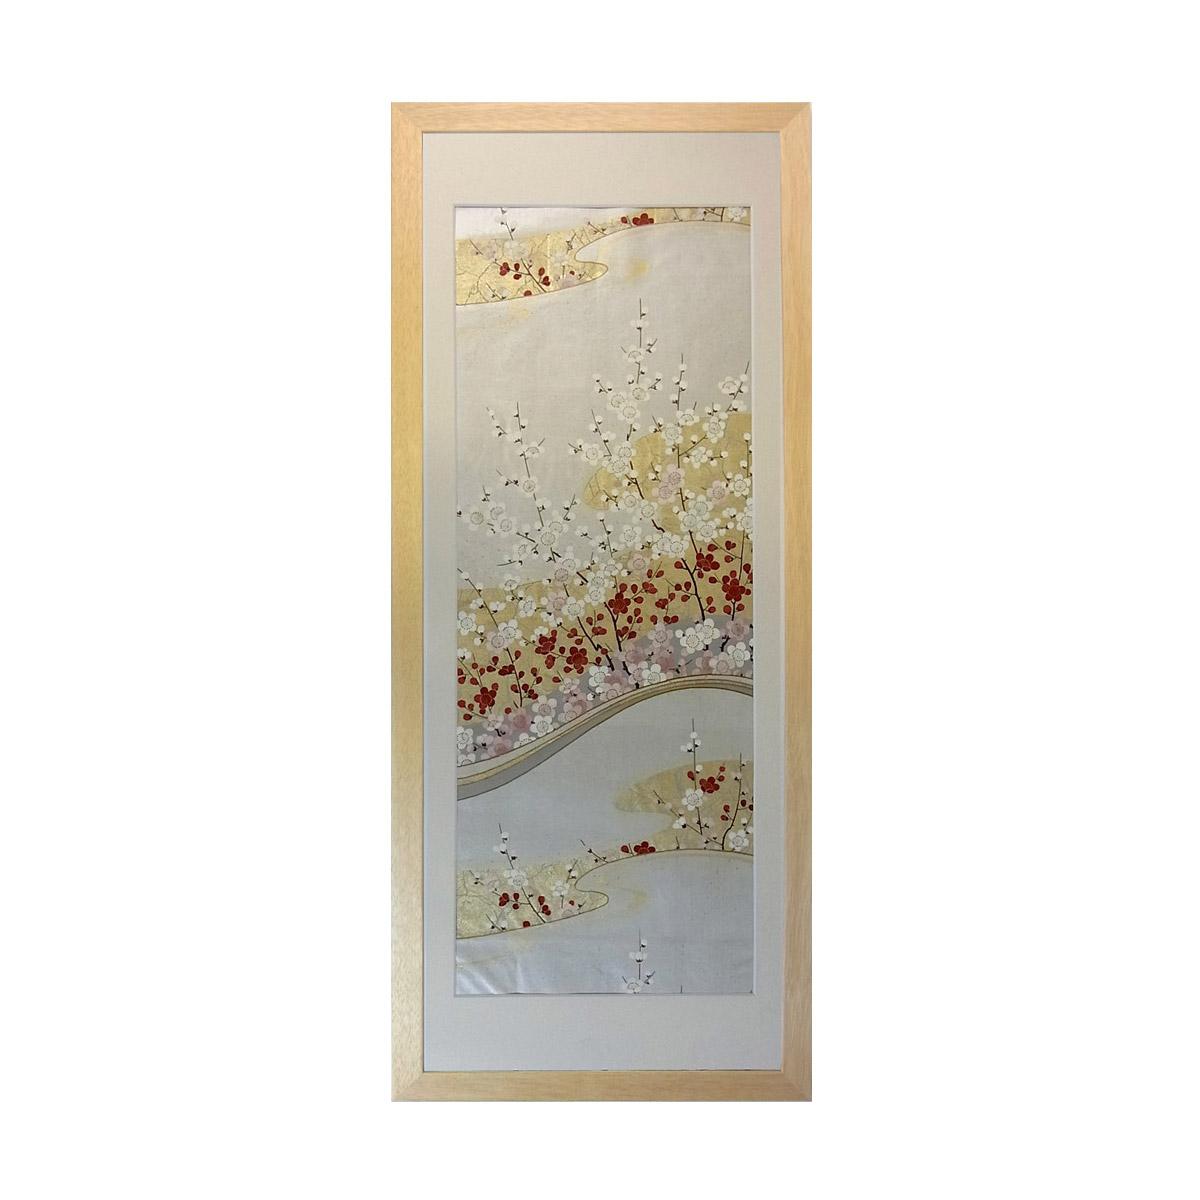 和風の額 壁掛インテリア 西陣織帯原画のアートフレーム 《8》